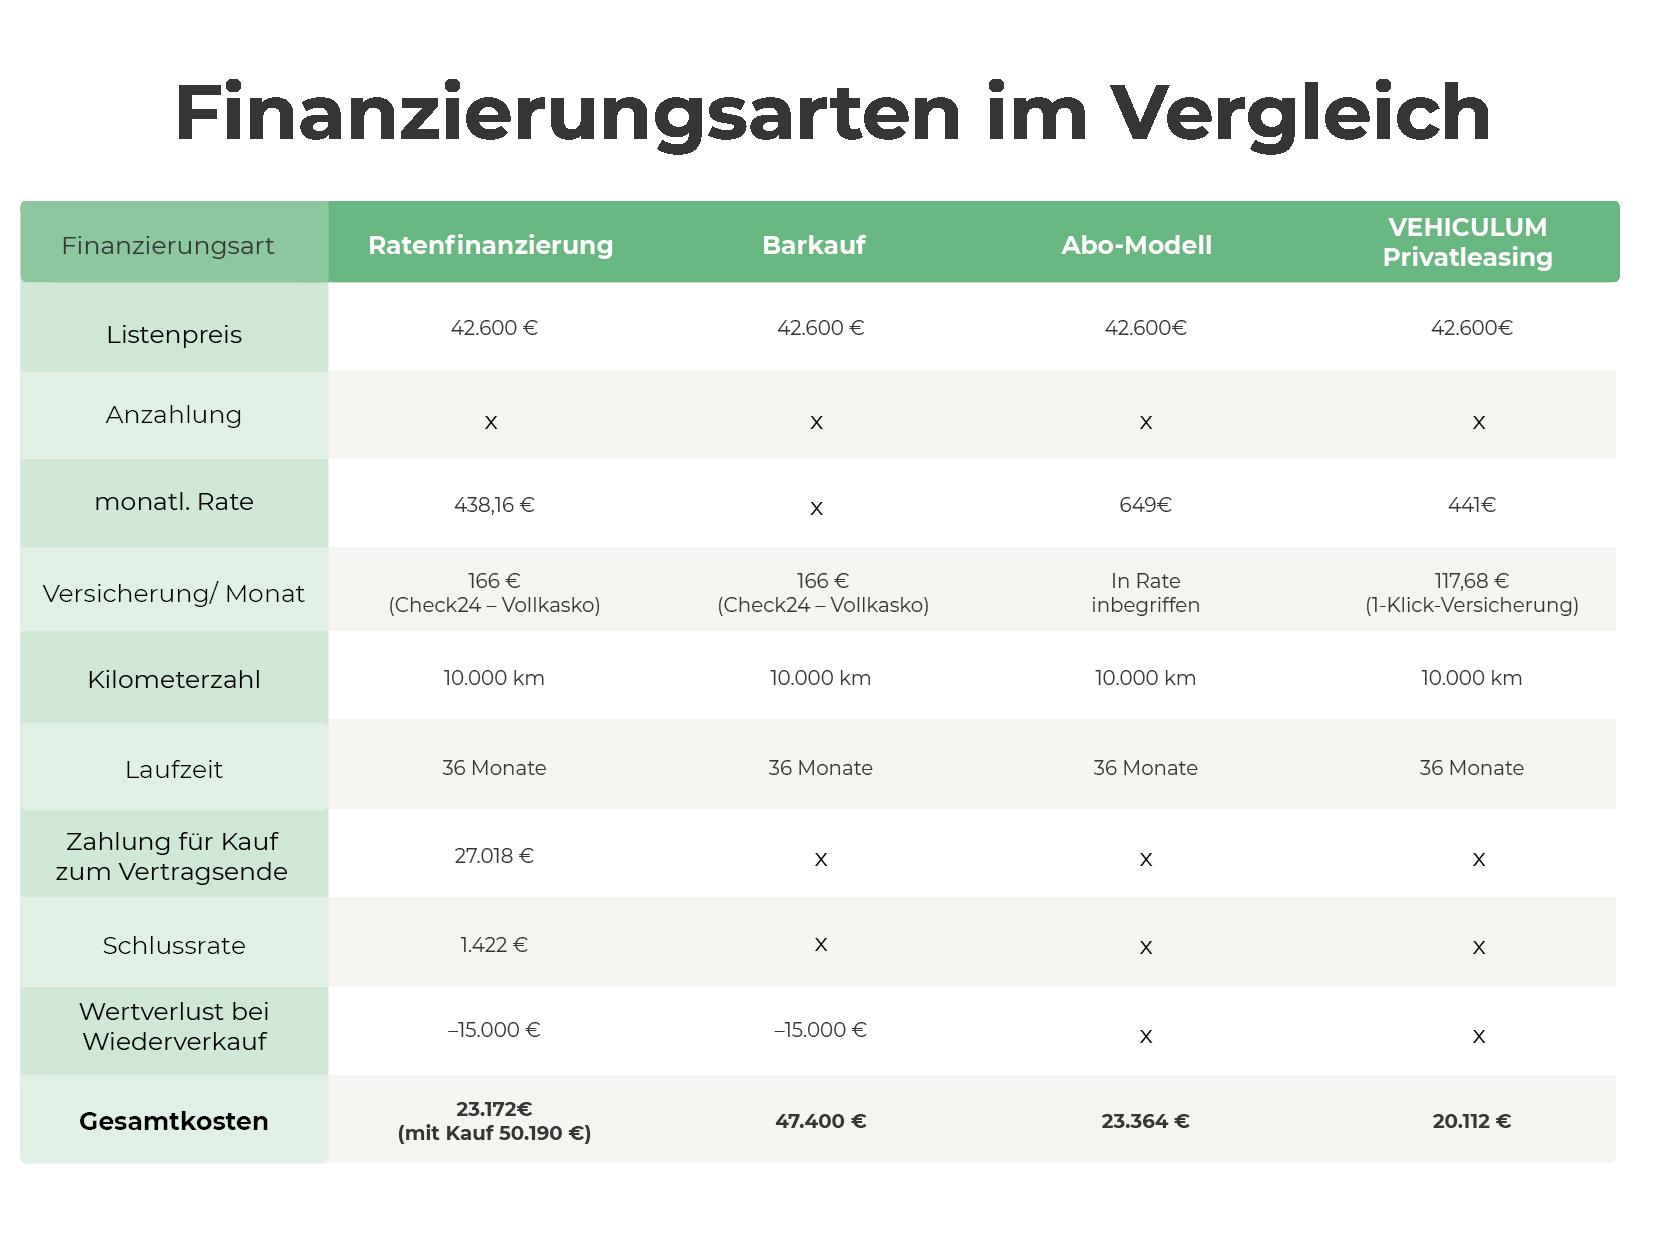 Privatleasing bei VEHICULUM im Vergleich zu anderen Finanzierungsvarianten